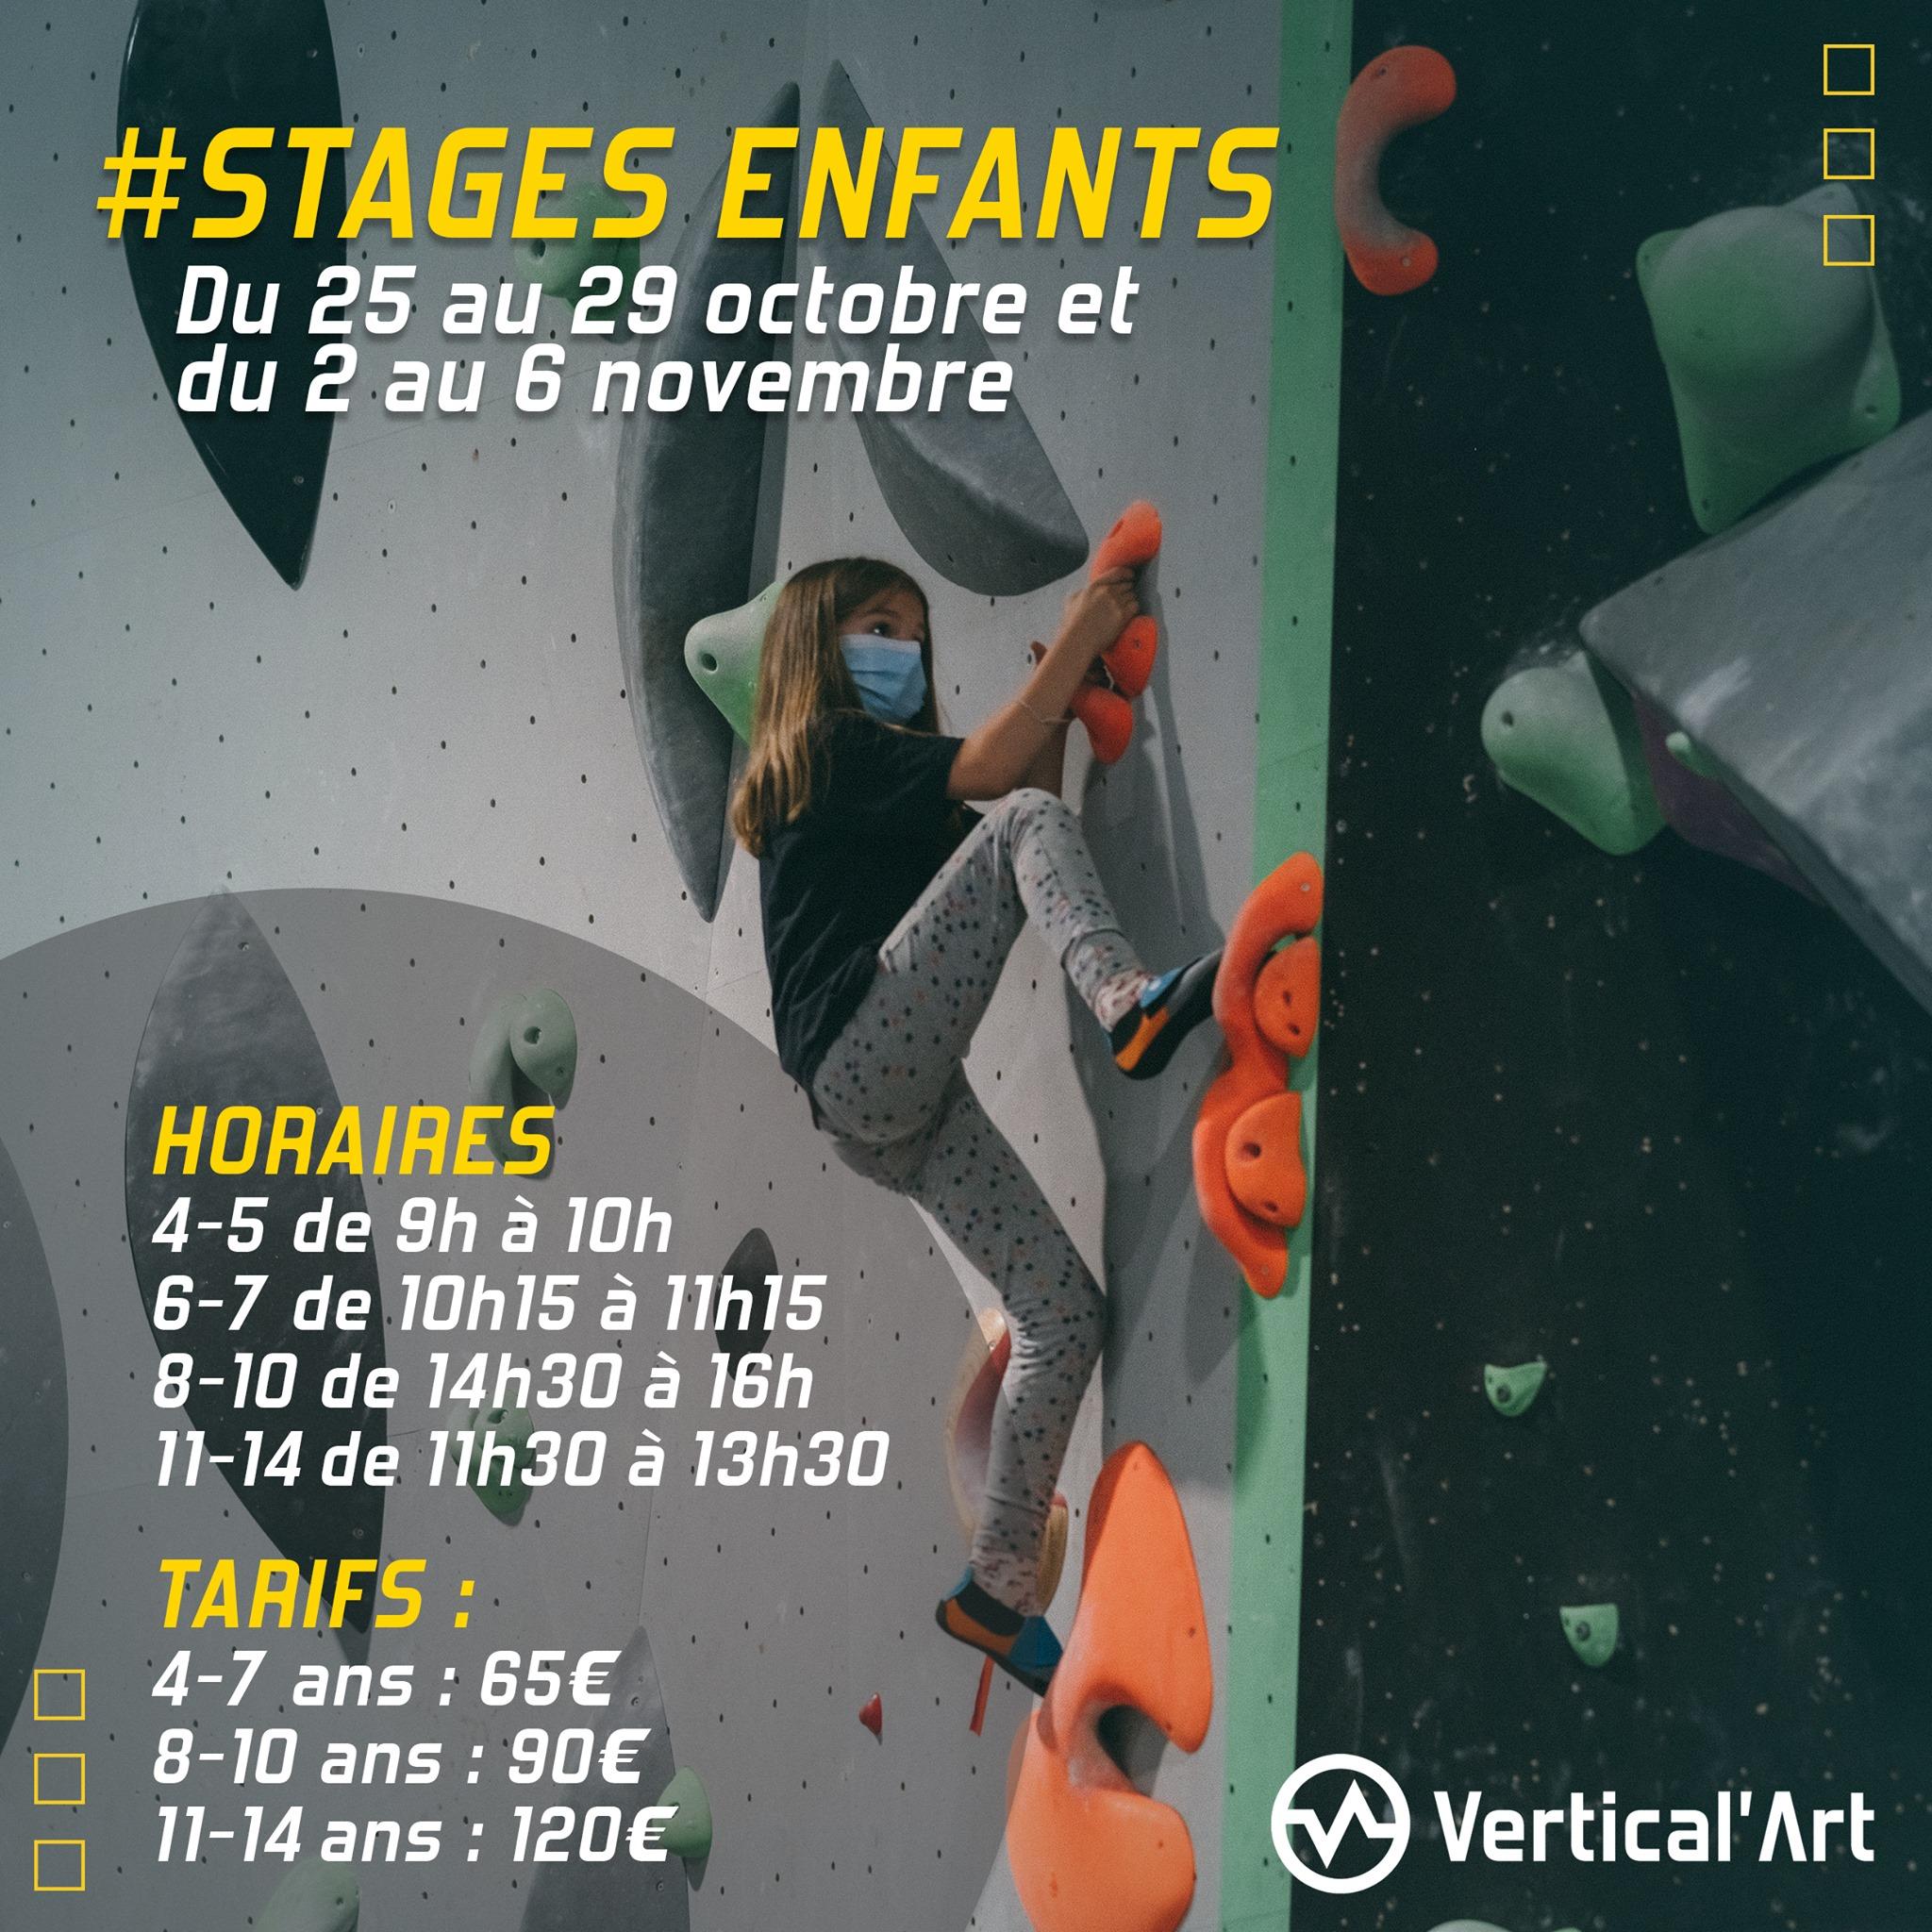 Stages enfants vacances de la Toussaint du vendredi 25 au 29 octobre et du 02 au 06 novembre à Vertical'Art Pigalle, inscriptions ouvertes